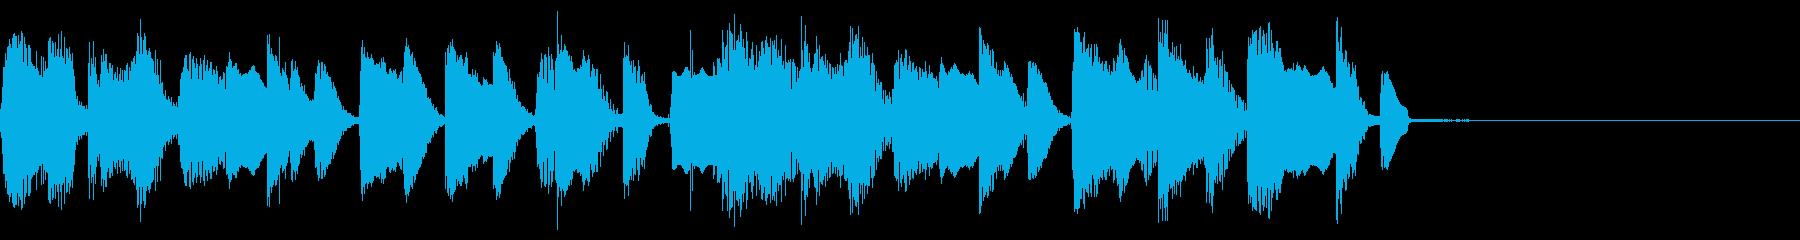 幻想的ドキドキミステリアスEDMジングルの再生済みの波形